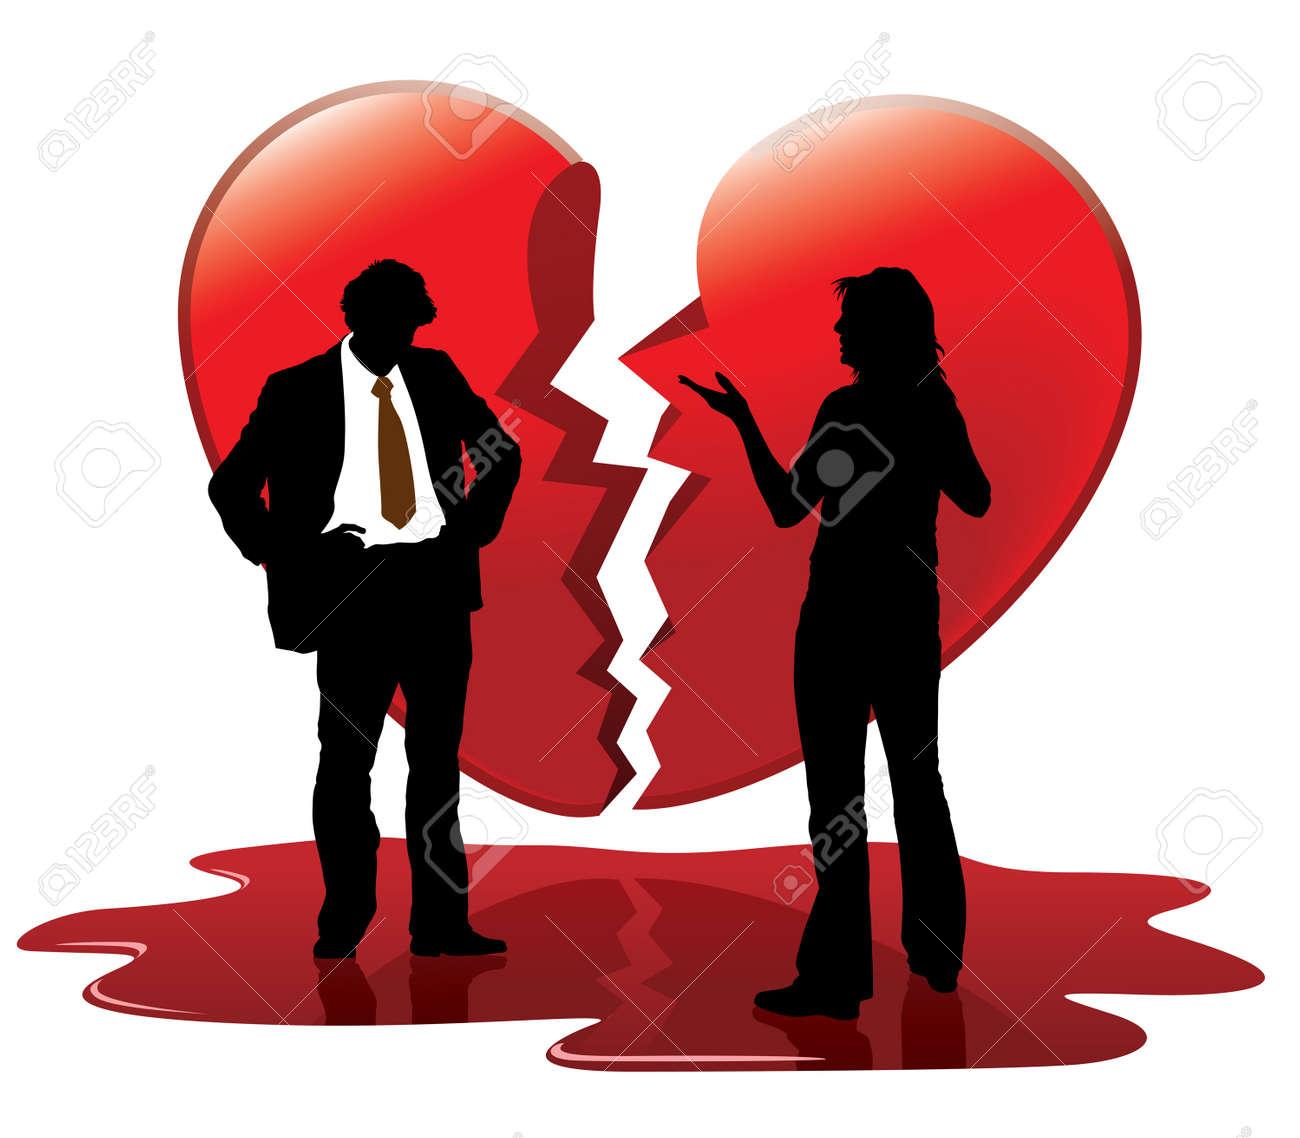 Dead love. People are talking, broken heart in the background. - 4251985